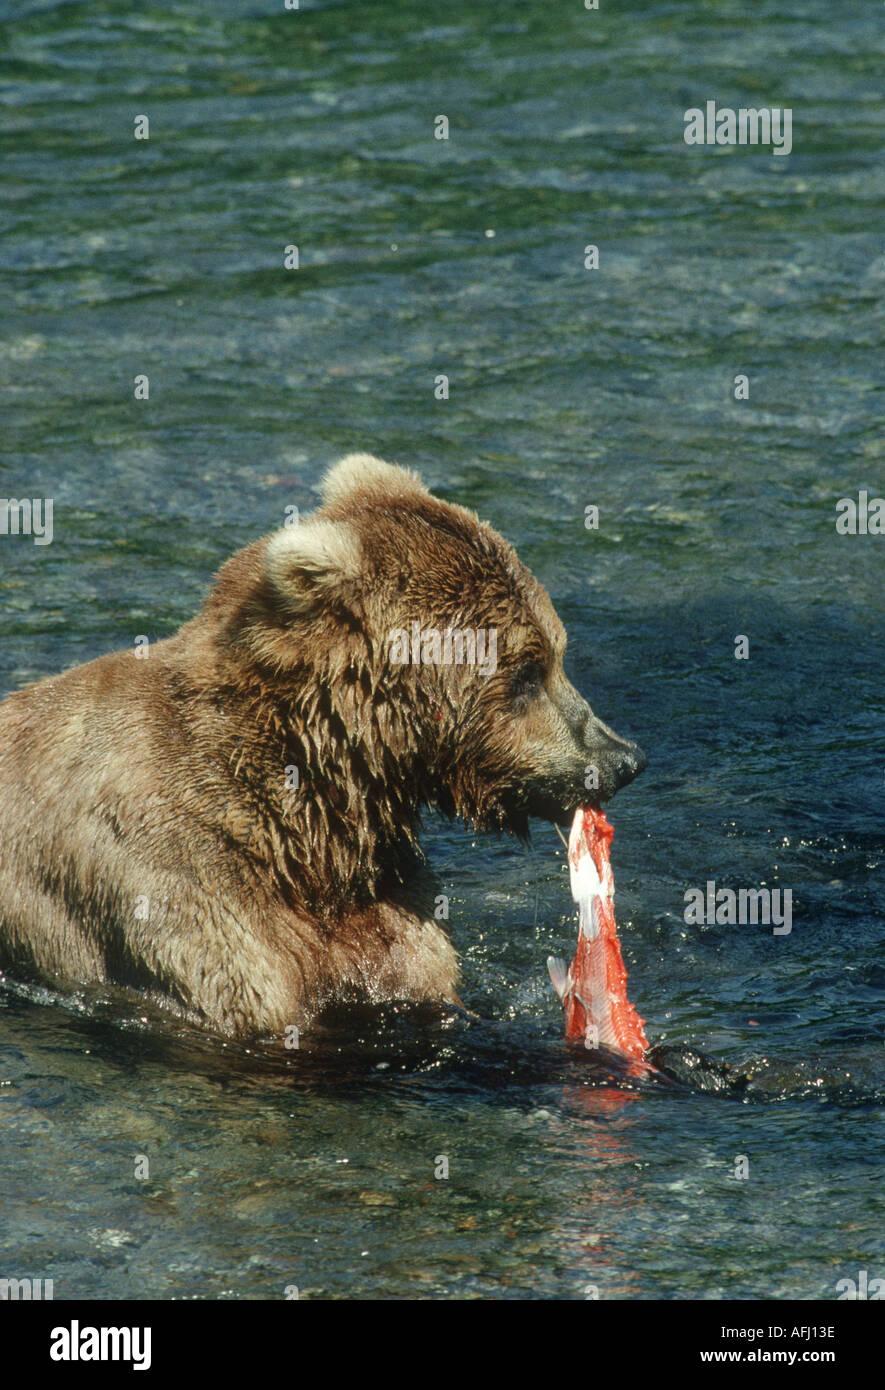 Braune oder grizzly Bär von Lachs ernähren Katmai NP Stockfoto